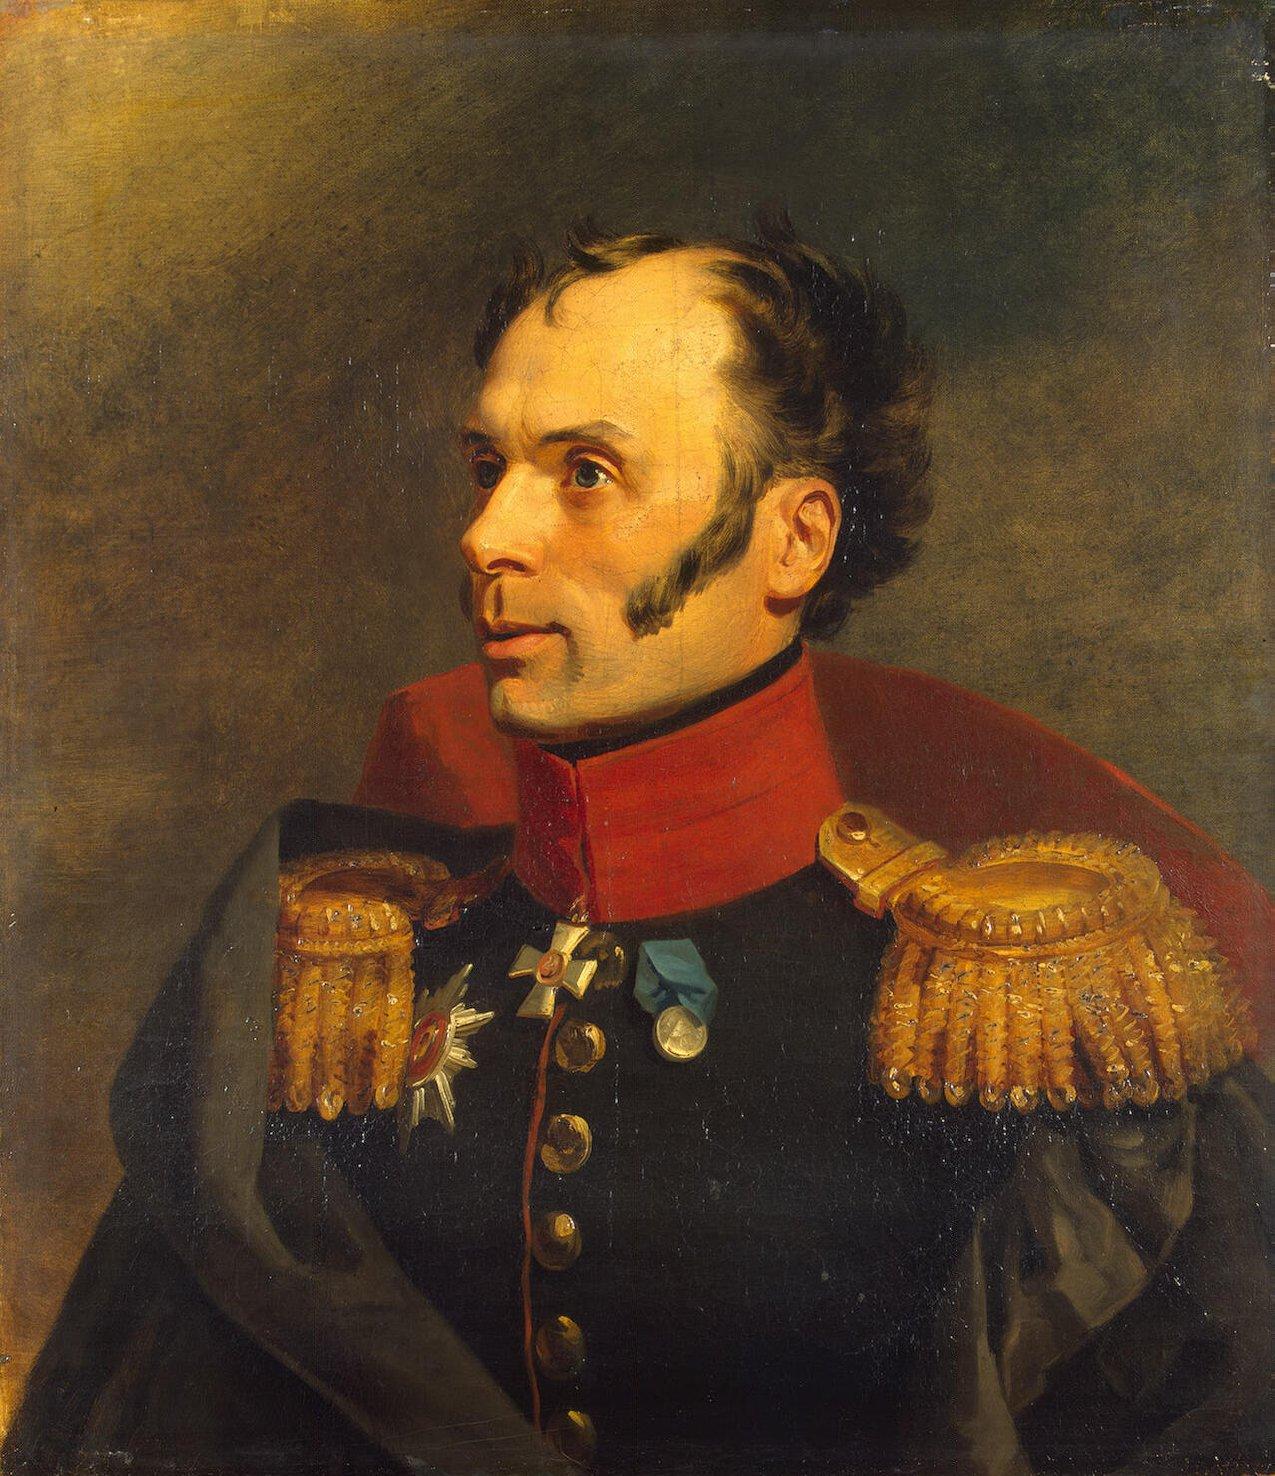 Нейдгардт, Павел Иванович